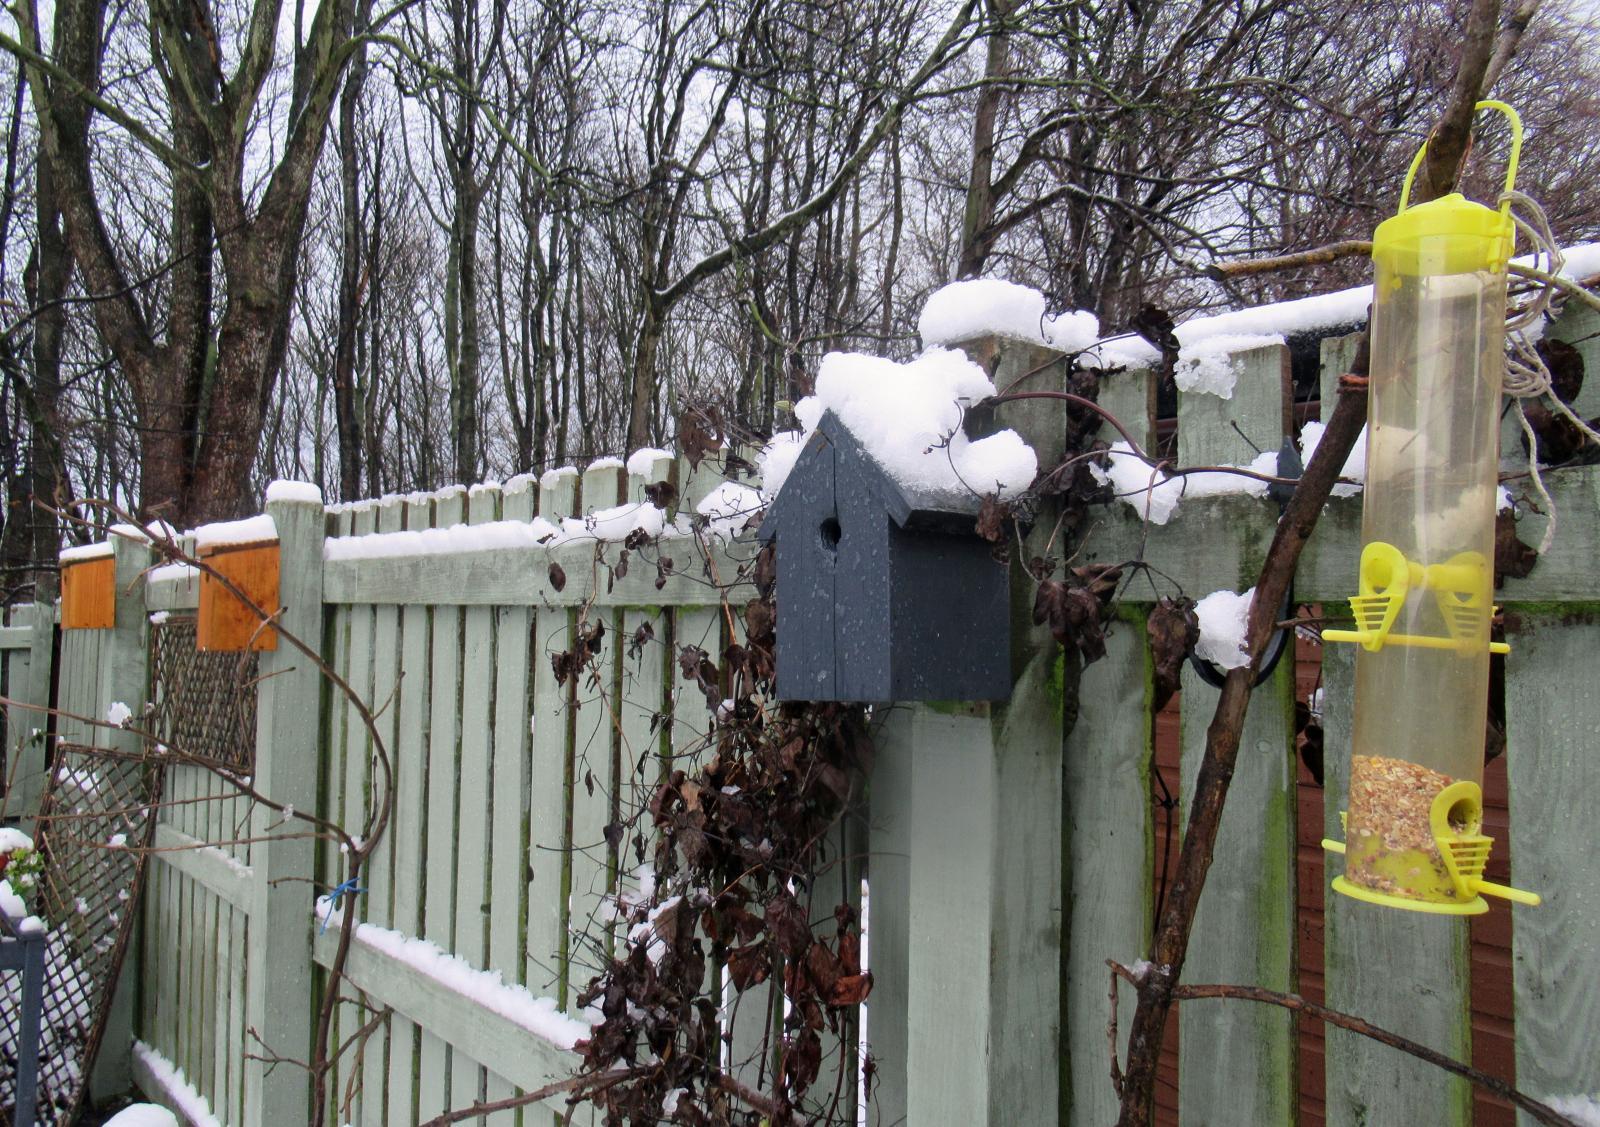 Nesting boxes birds UKweather